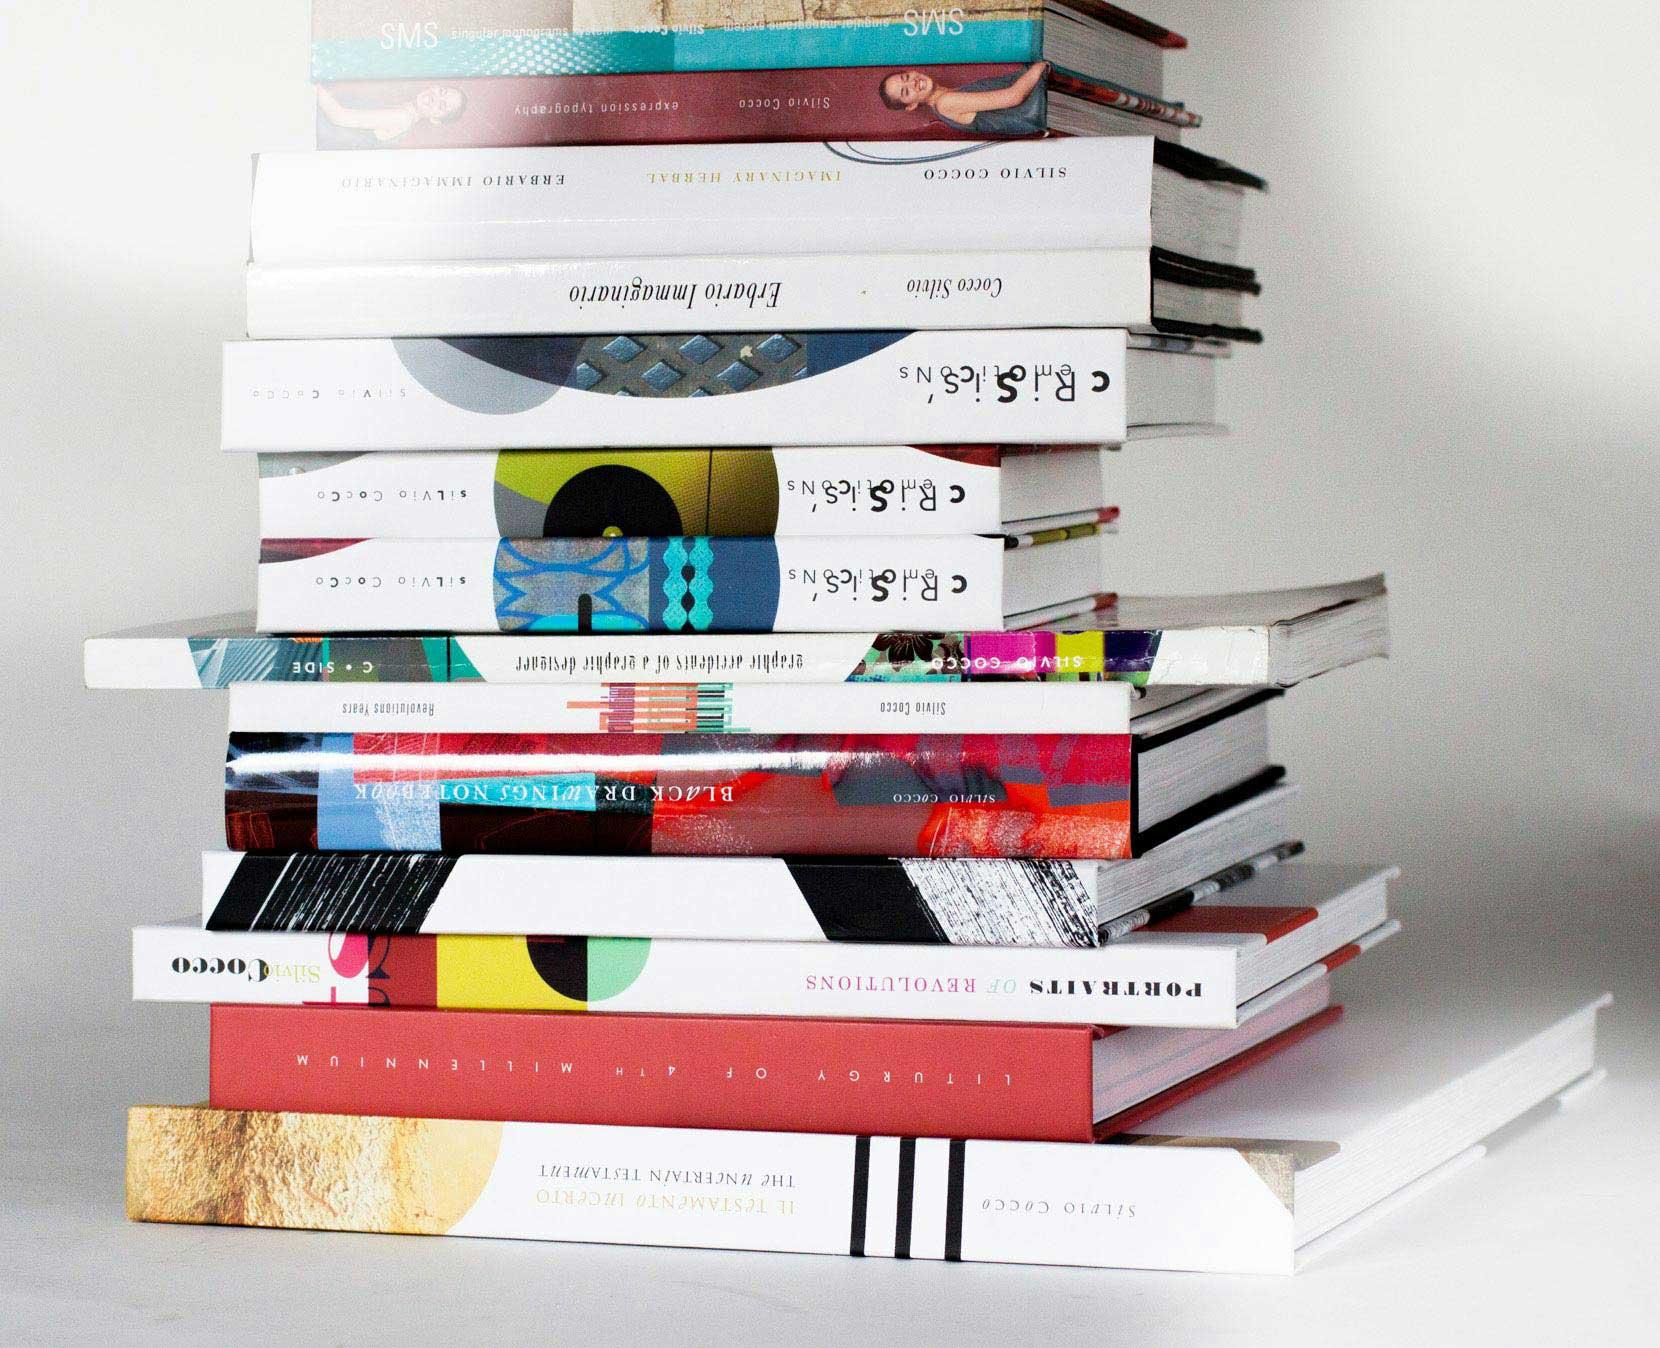 silvio-cocco-books-design-art